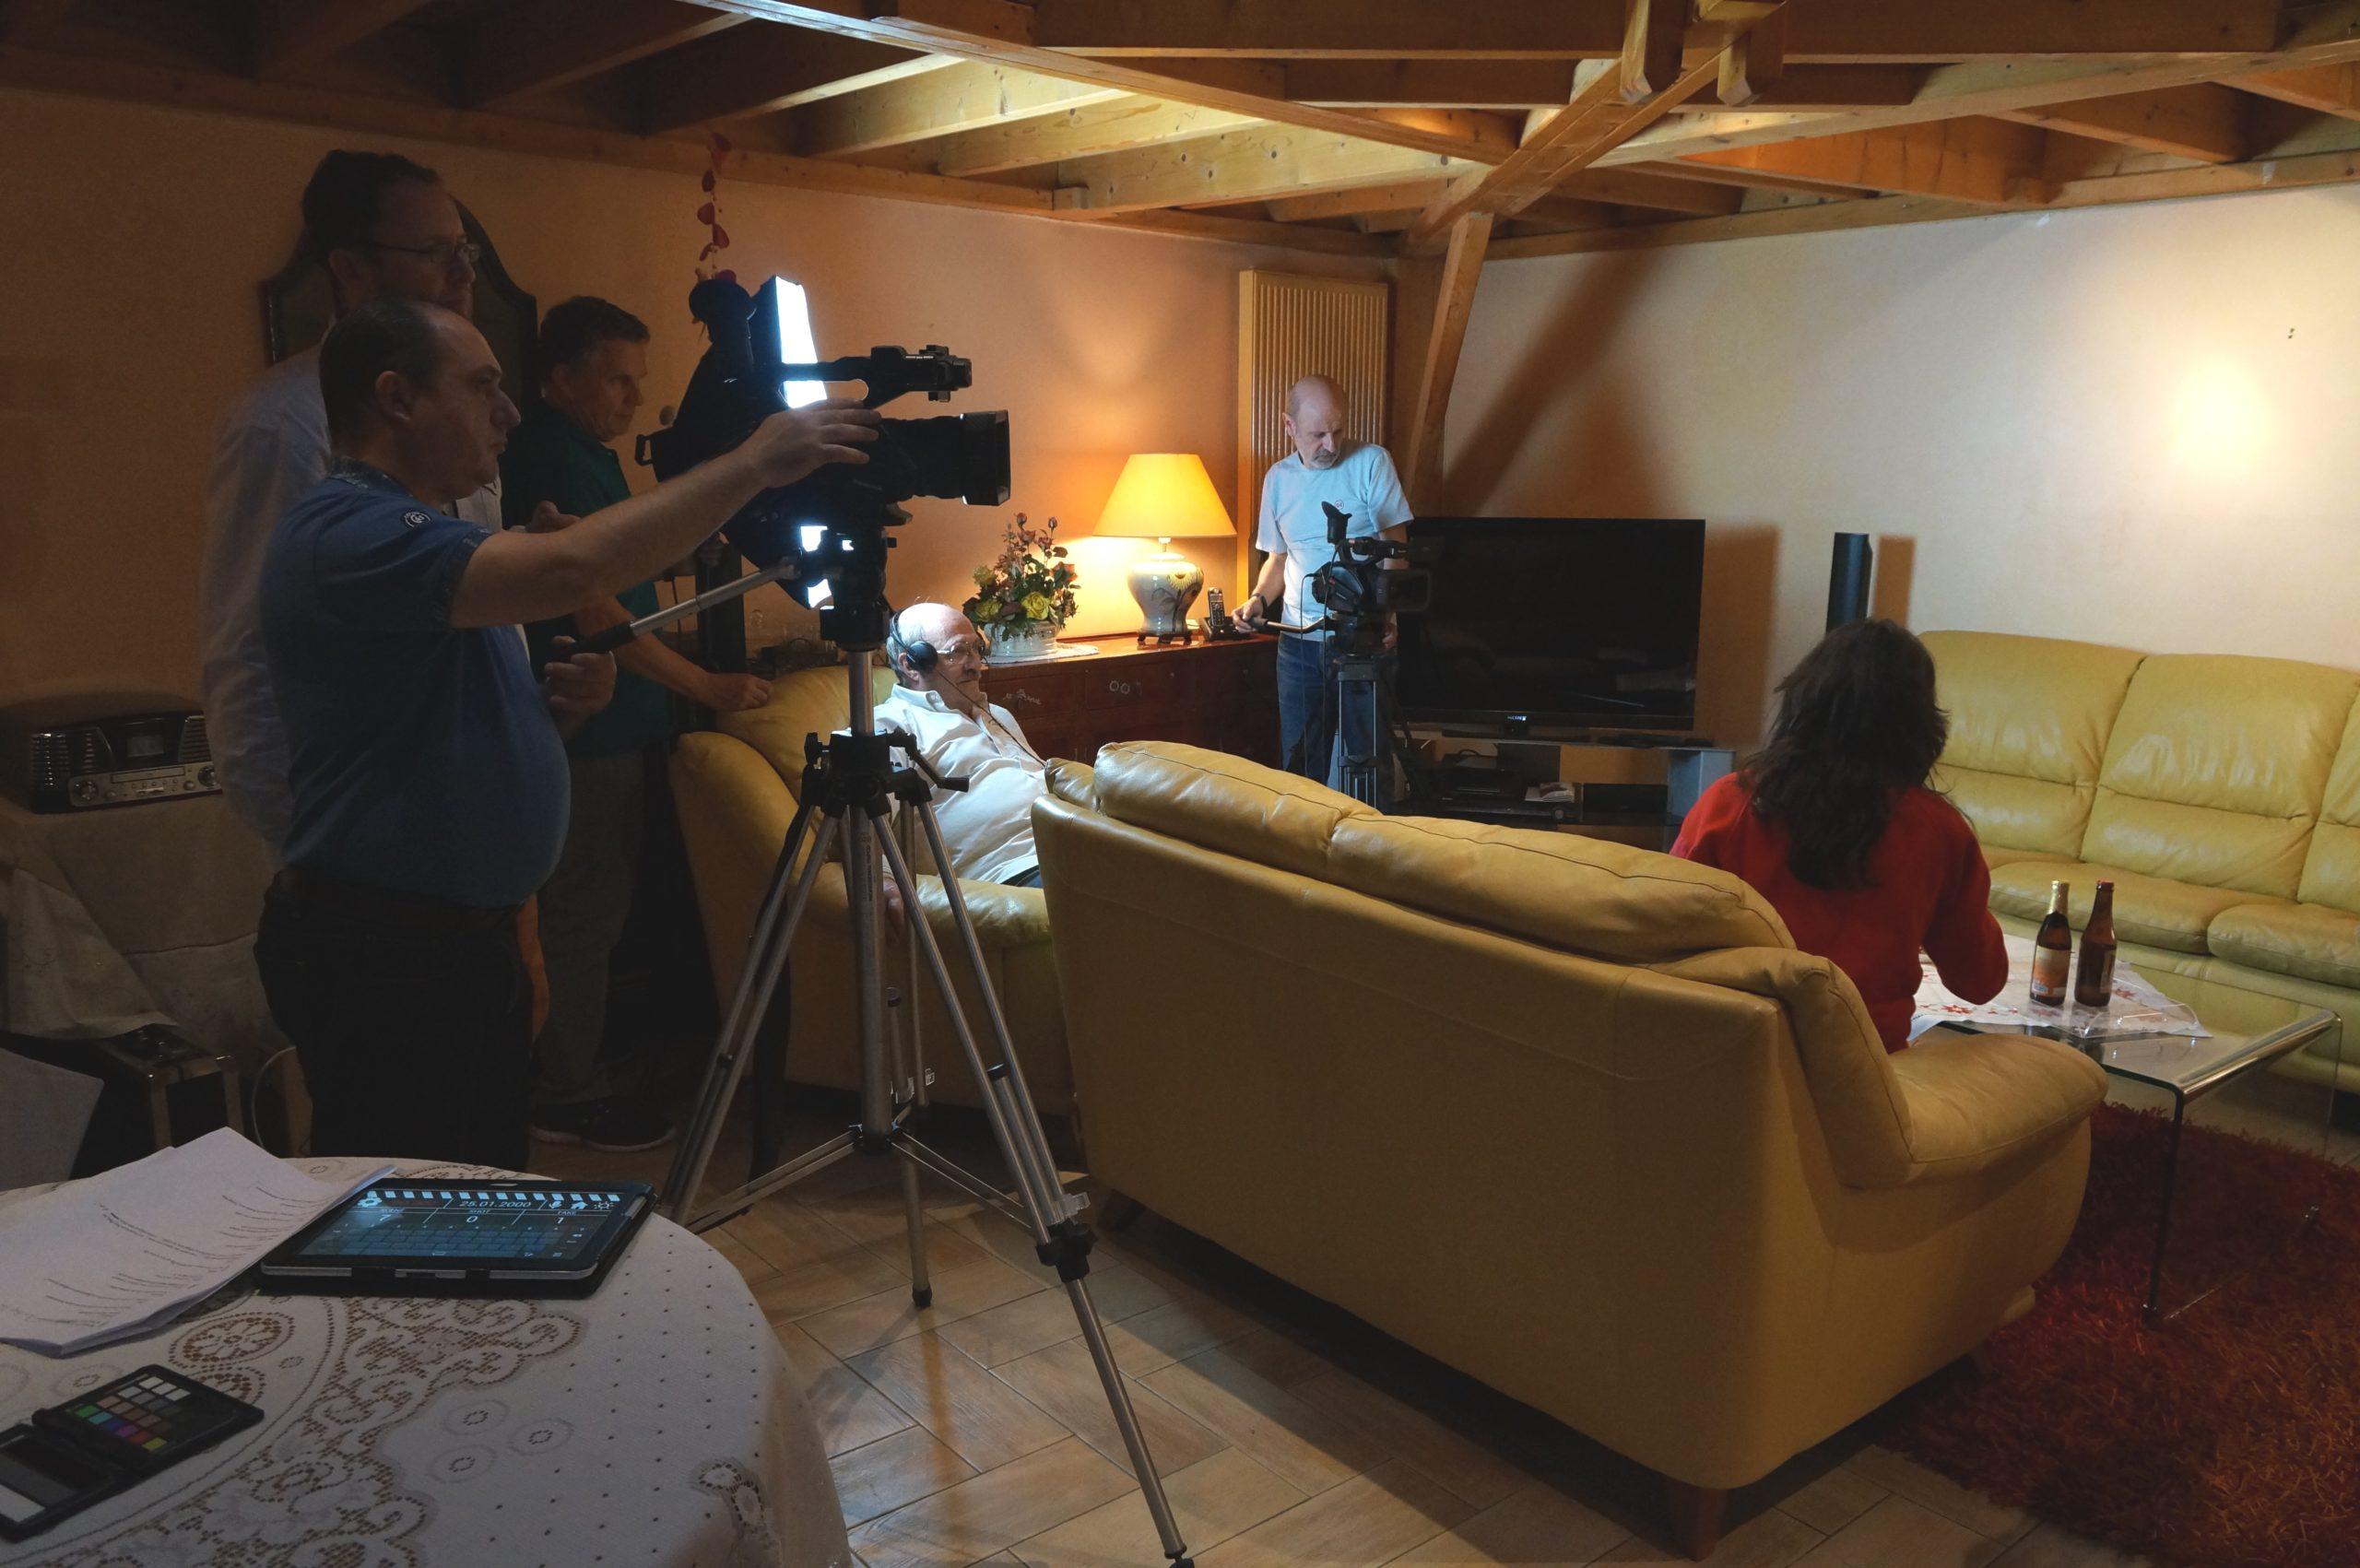 Tontons cadreurs 48hfp 2016 Portrait de famille tournage 3